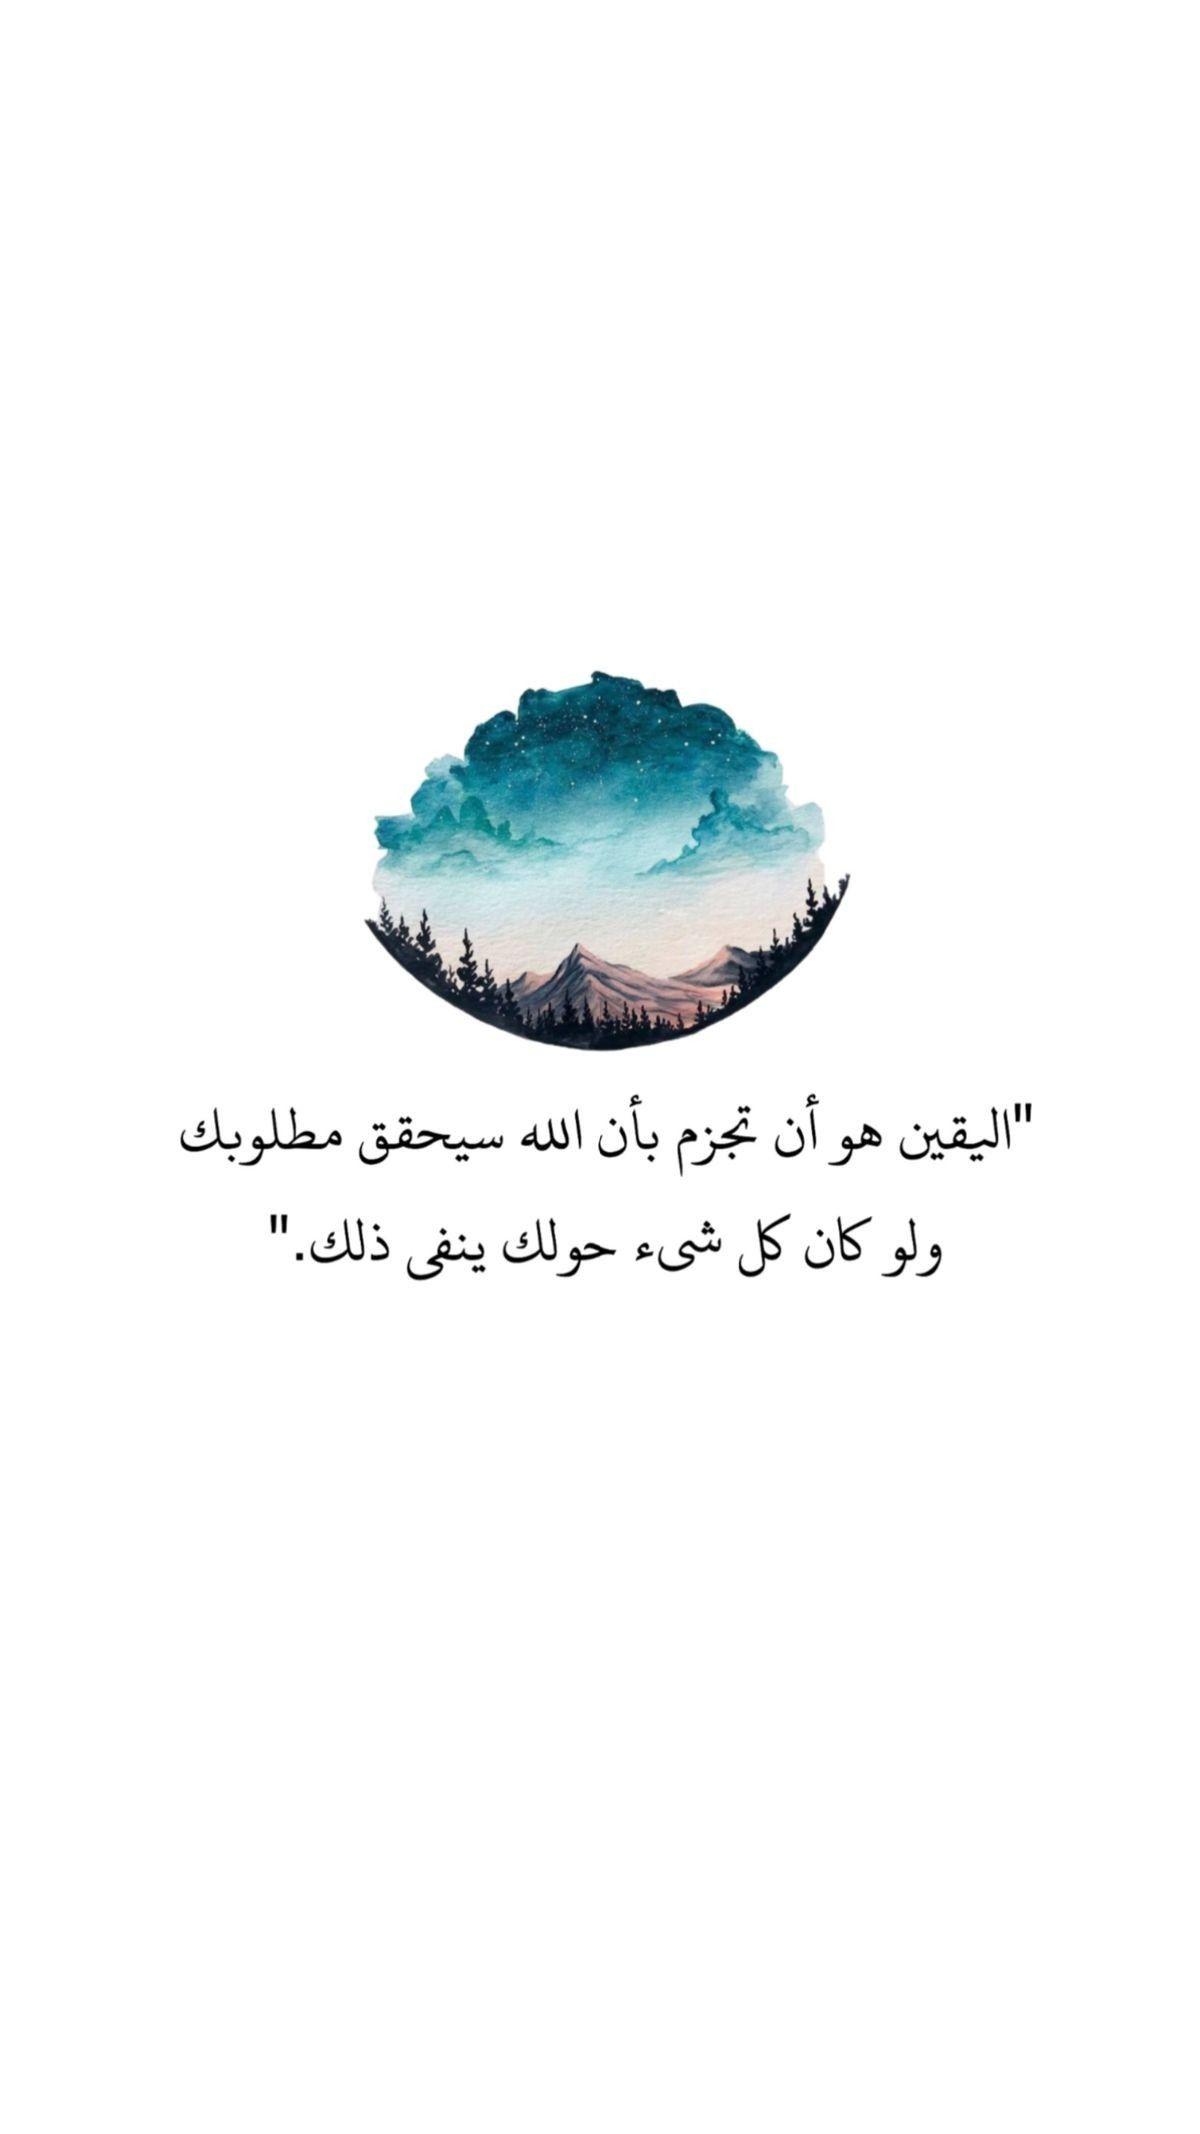 دينية صور تصويري حياة رمزيات ايفون خلفيات باك جراوند Arabic Quotes Funny Arabic Quotes Beautiful Arabic Words